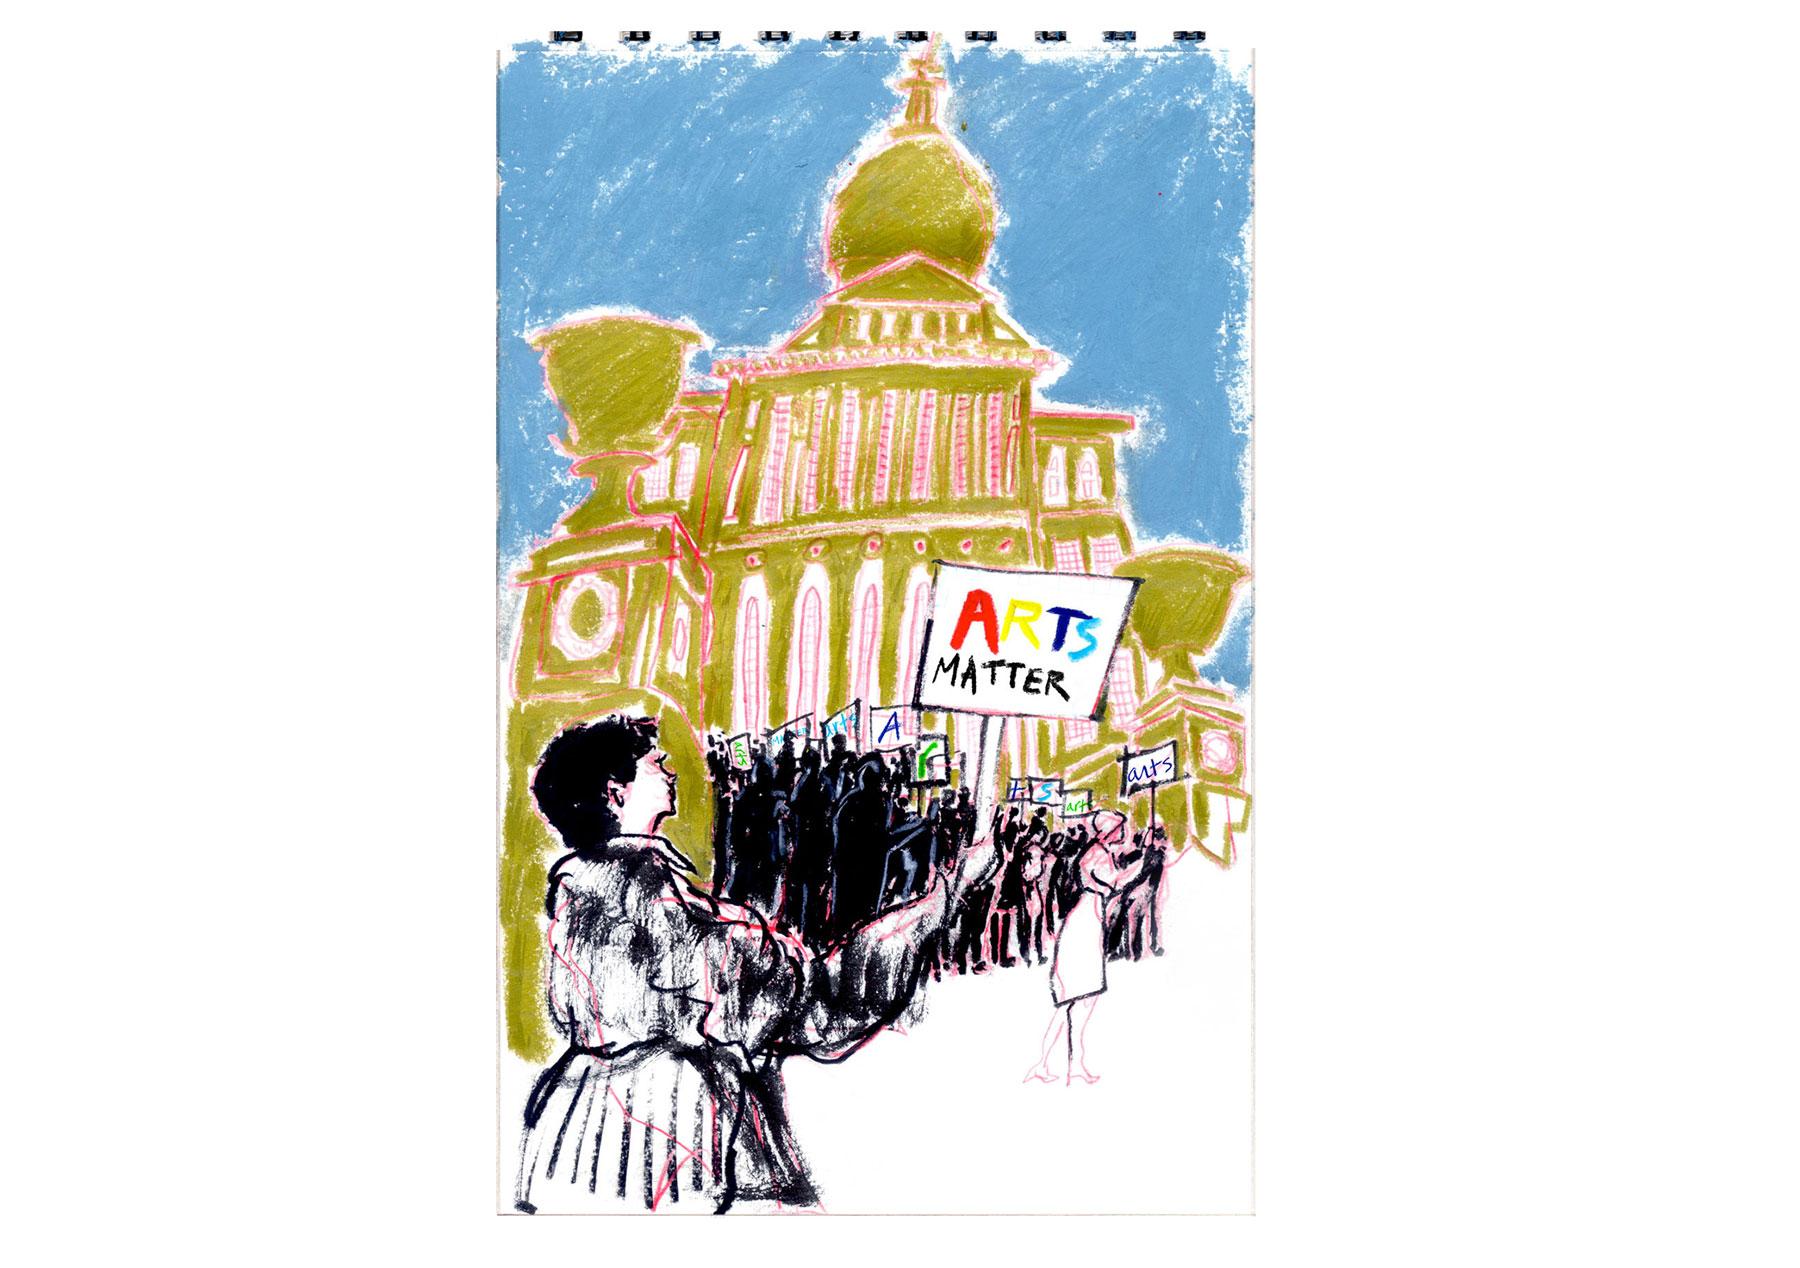 Arts Matter Rally, 2017, Ma. State House